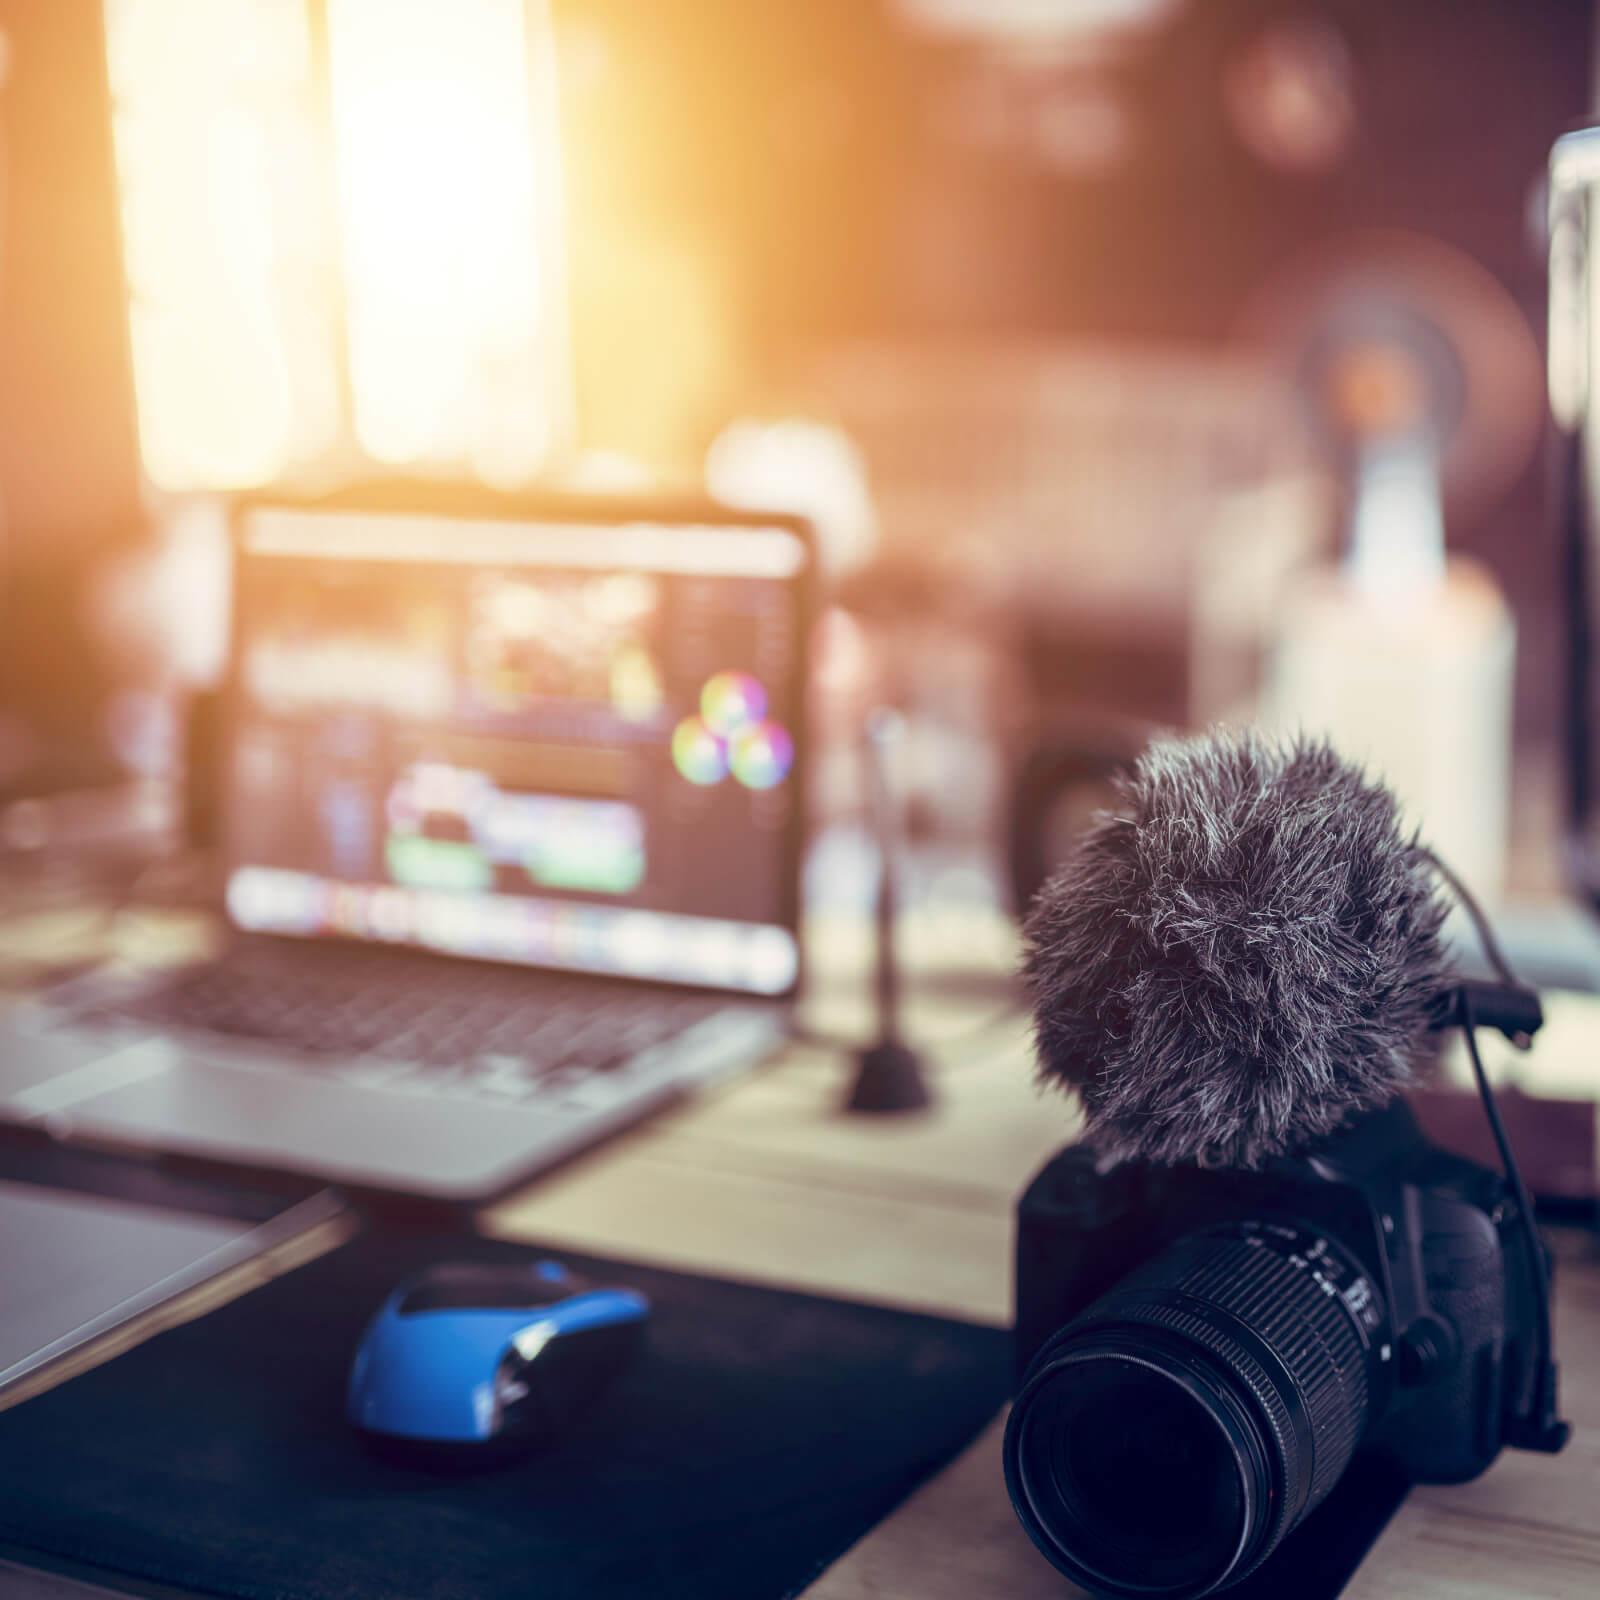 Die besten Laptops für die Videobearbeitung - Netzpiloten.de